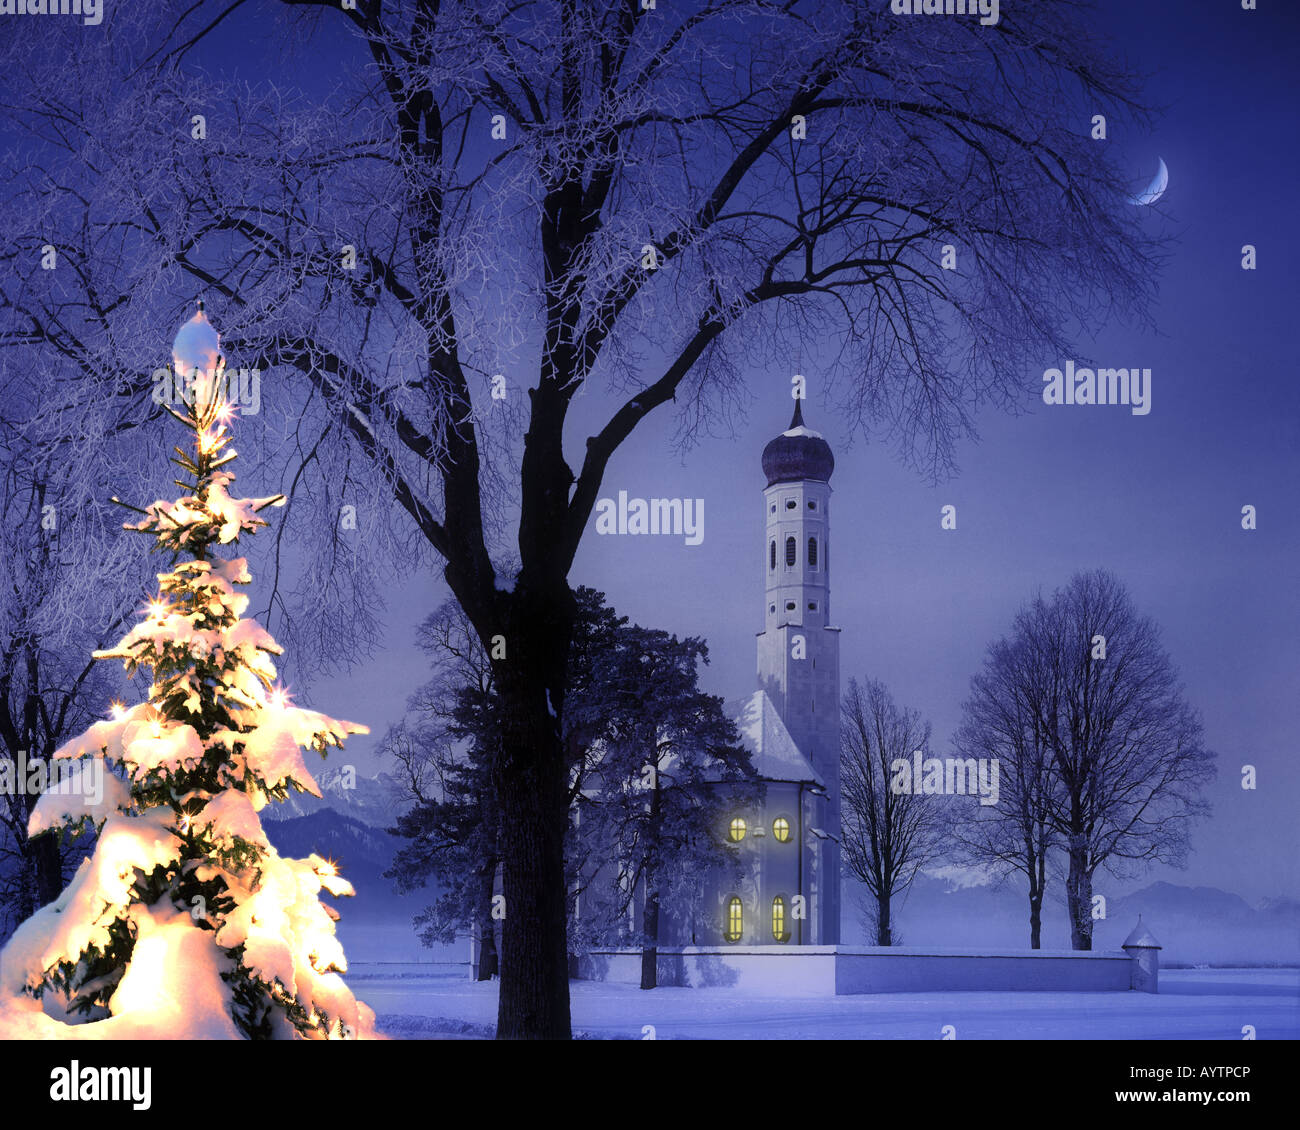 DE - Bayern: Weihnachten im St.Colman in der Nähe von Schwangau im Allgäu Stockbild